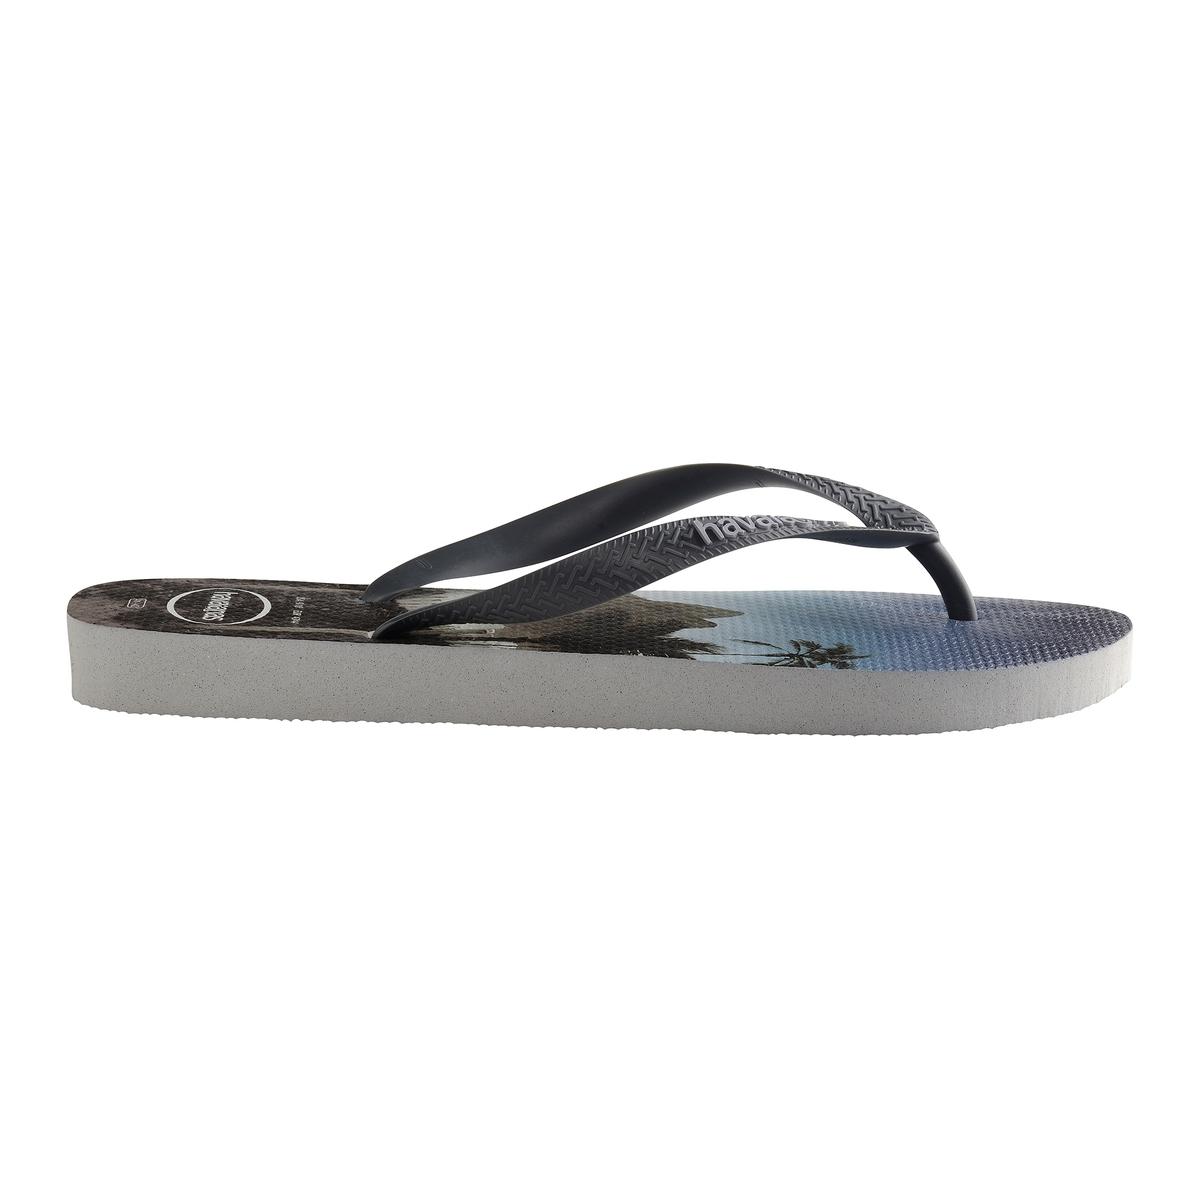 Вьетнамки HypeВерх : каучук   Стелька : каучук   Подошва : каучук   Форма каблука : плоский каблук   Мысок : открытый мысок   Застежка : без застежки<br><br>Цвет: рисунок/серый